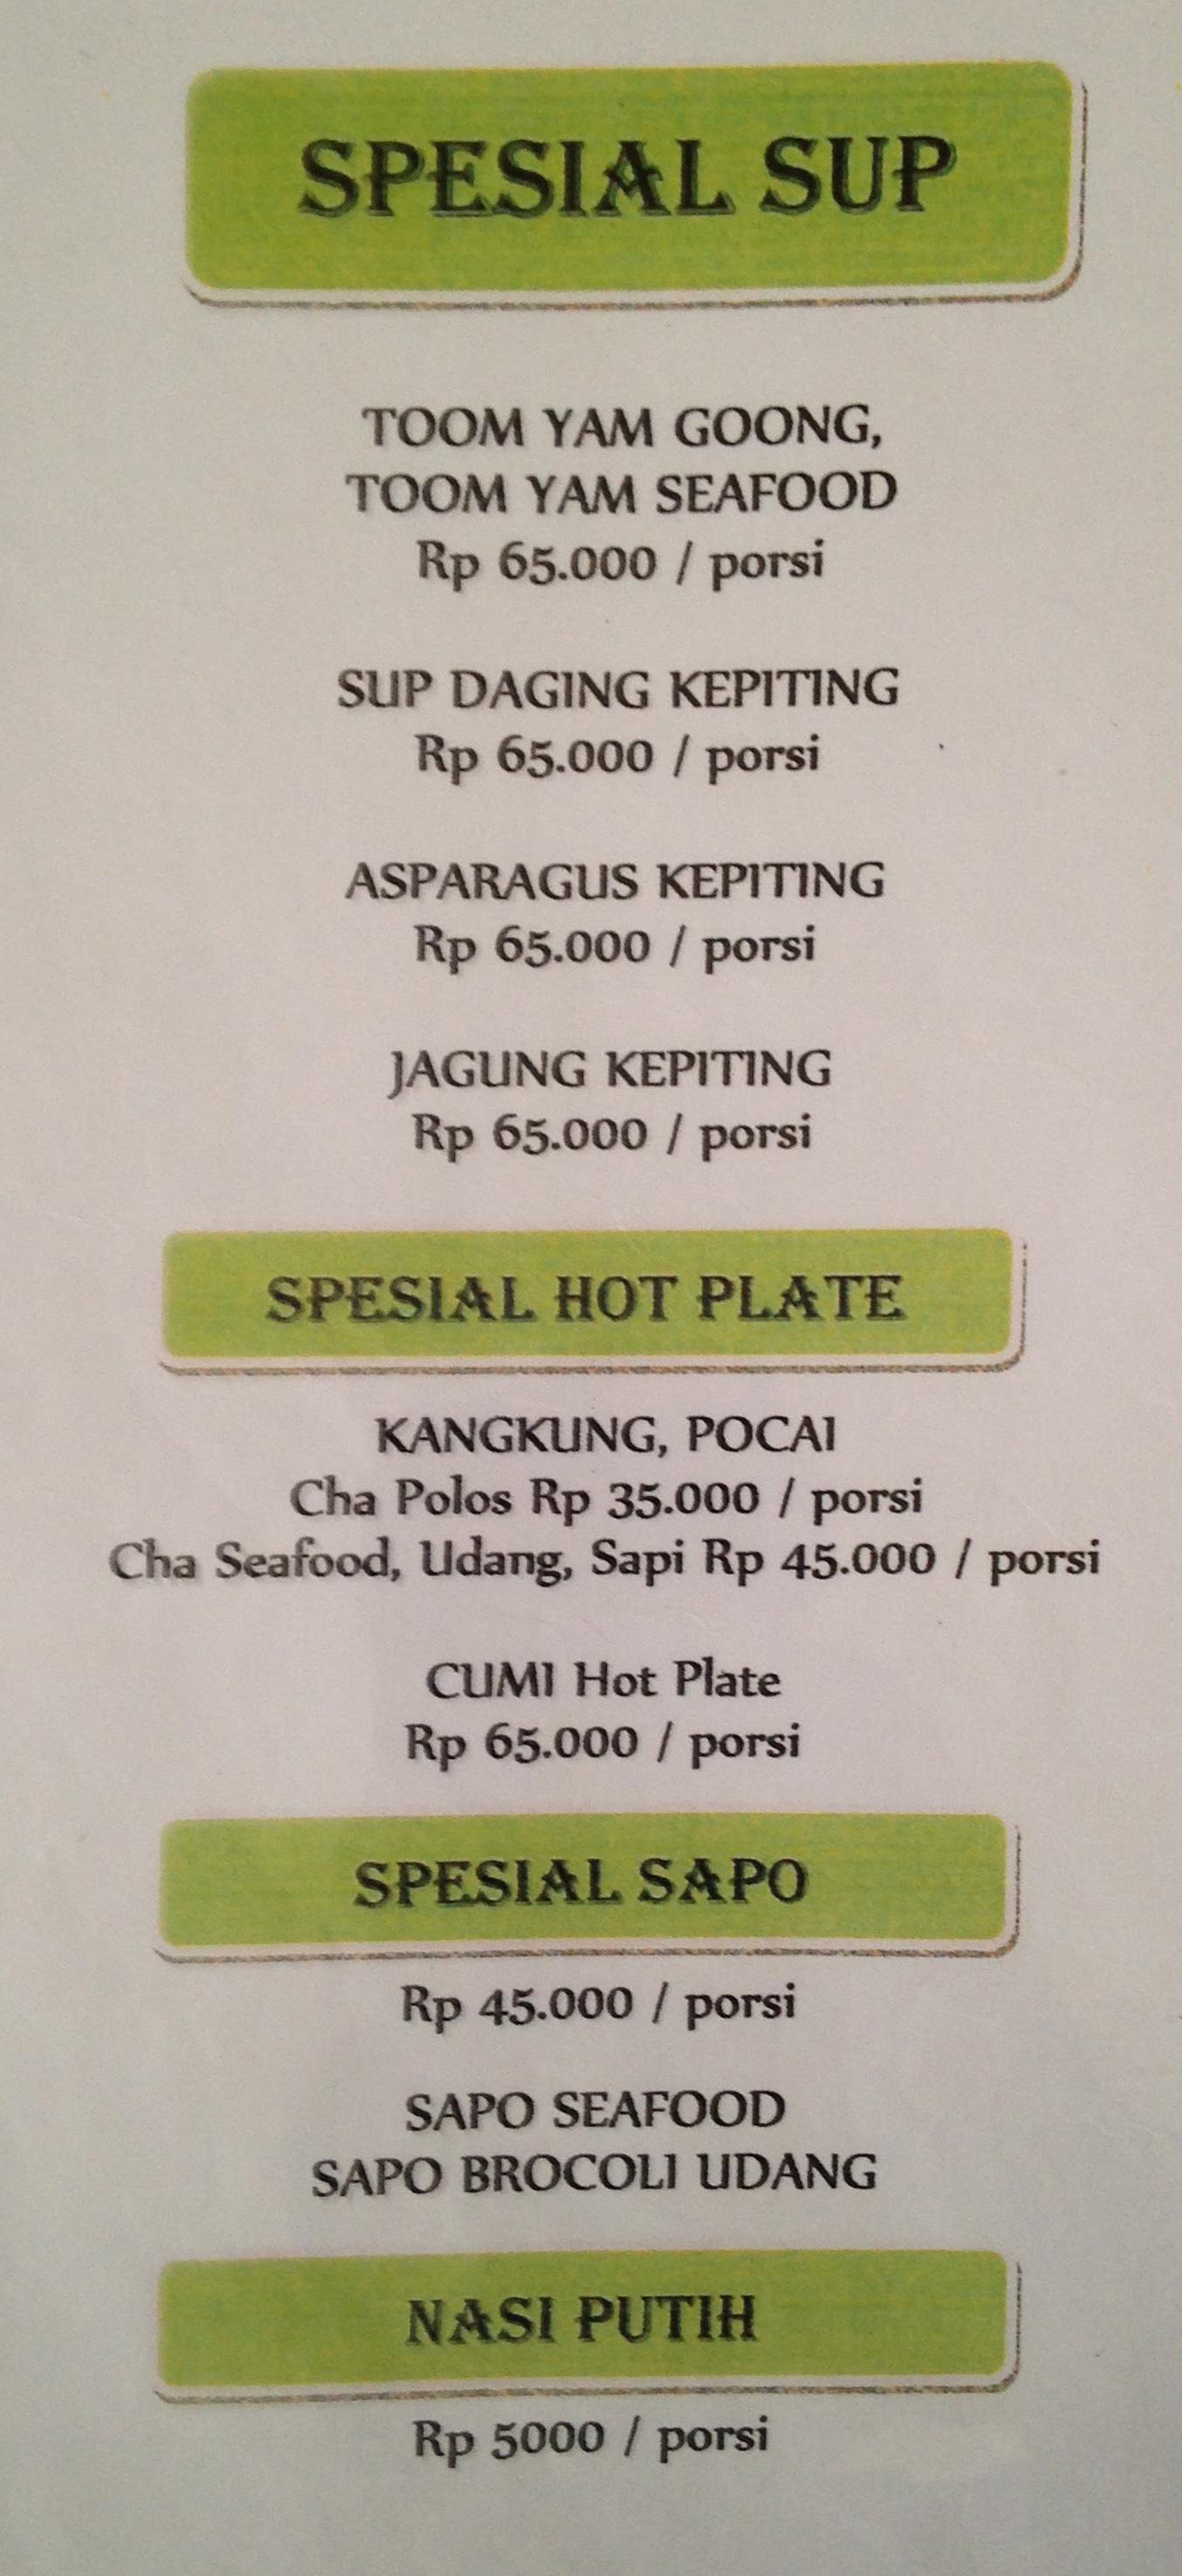 Parit 9 Seafood Menu Menu For Parit 9 Seafood Riau Bandung Qraved Indonesia